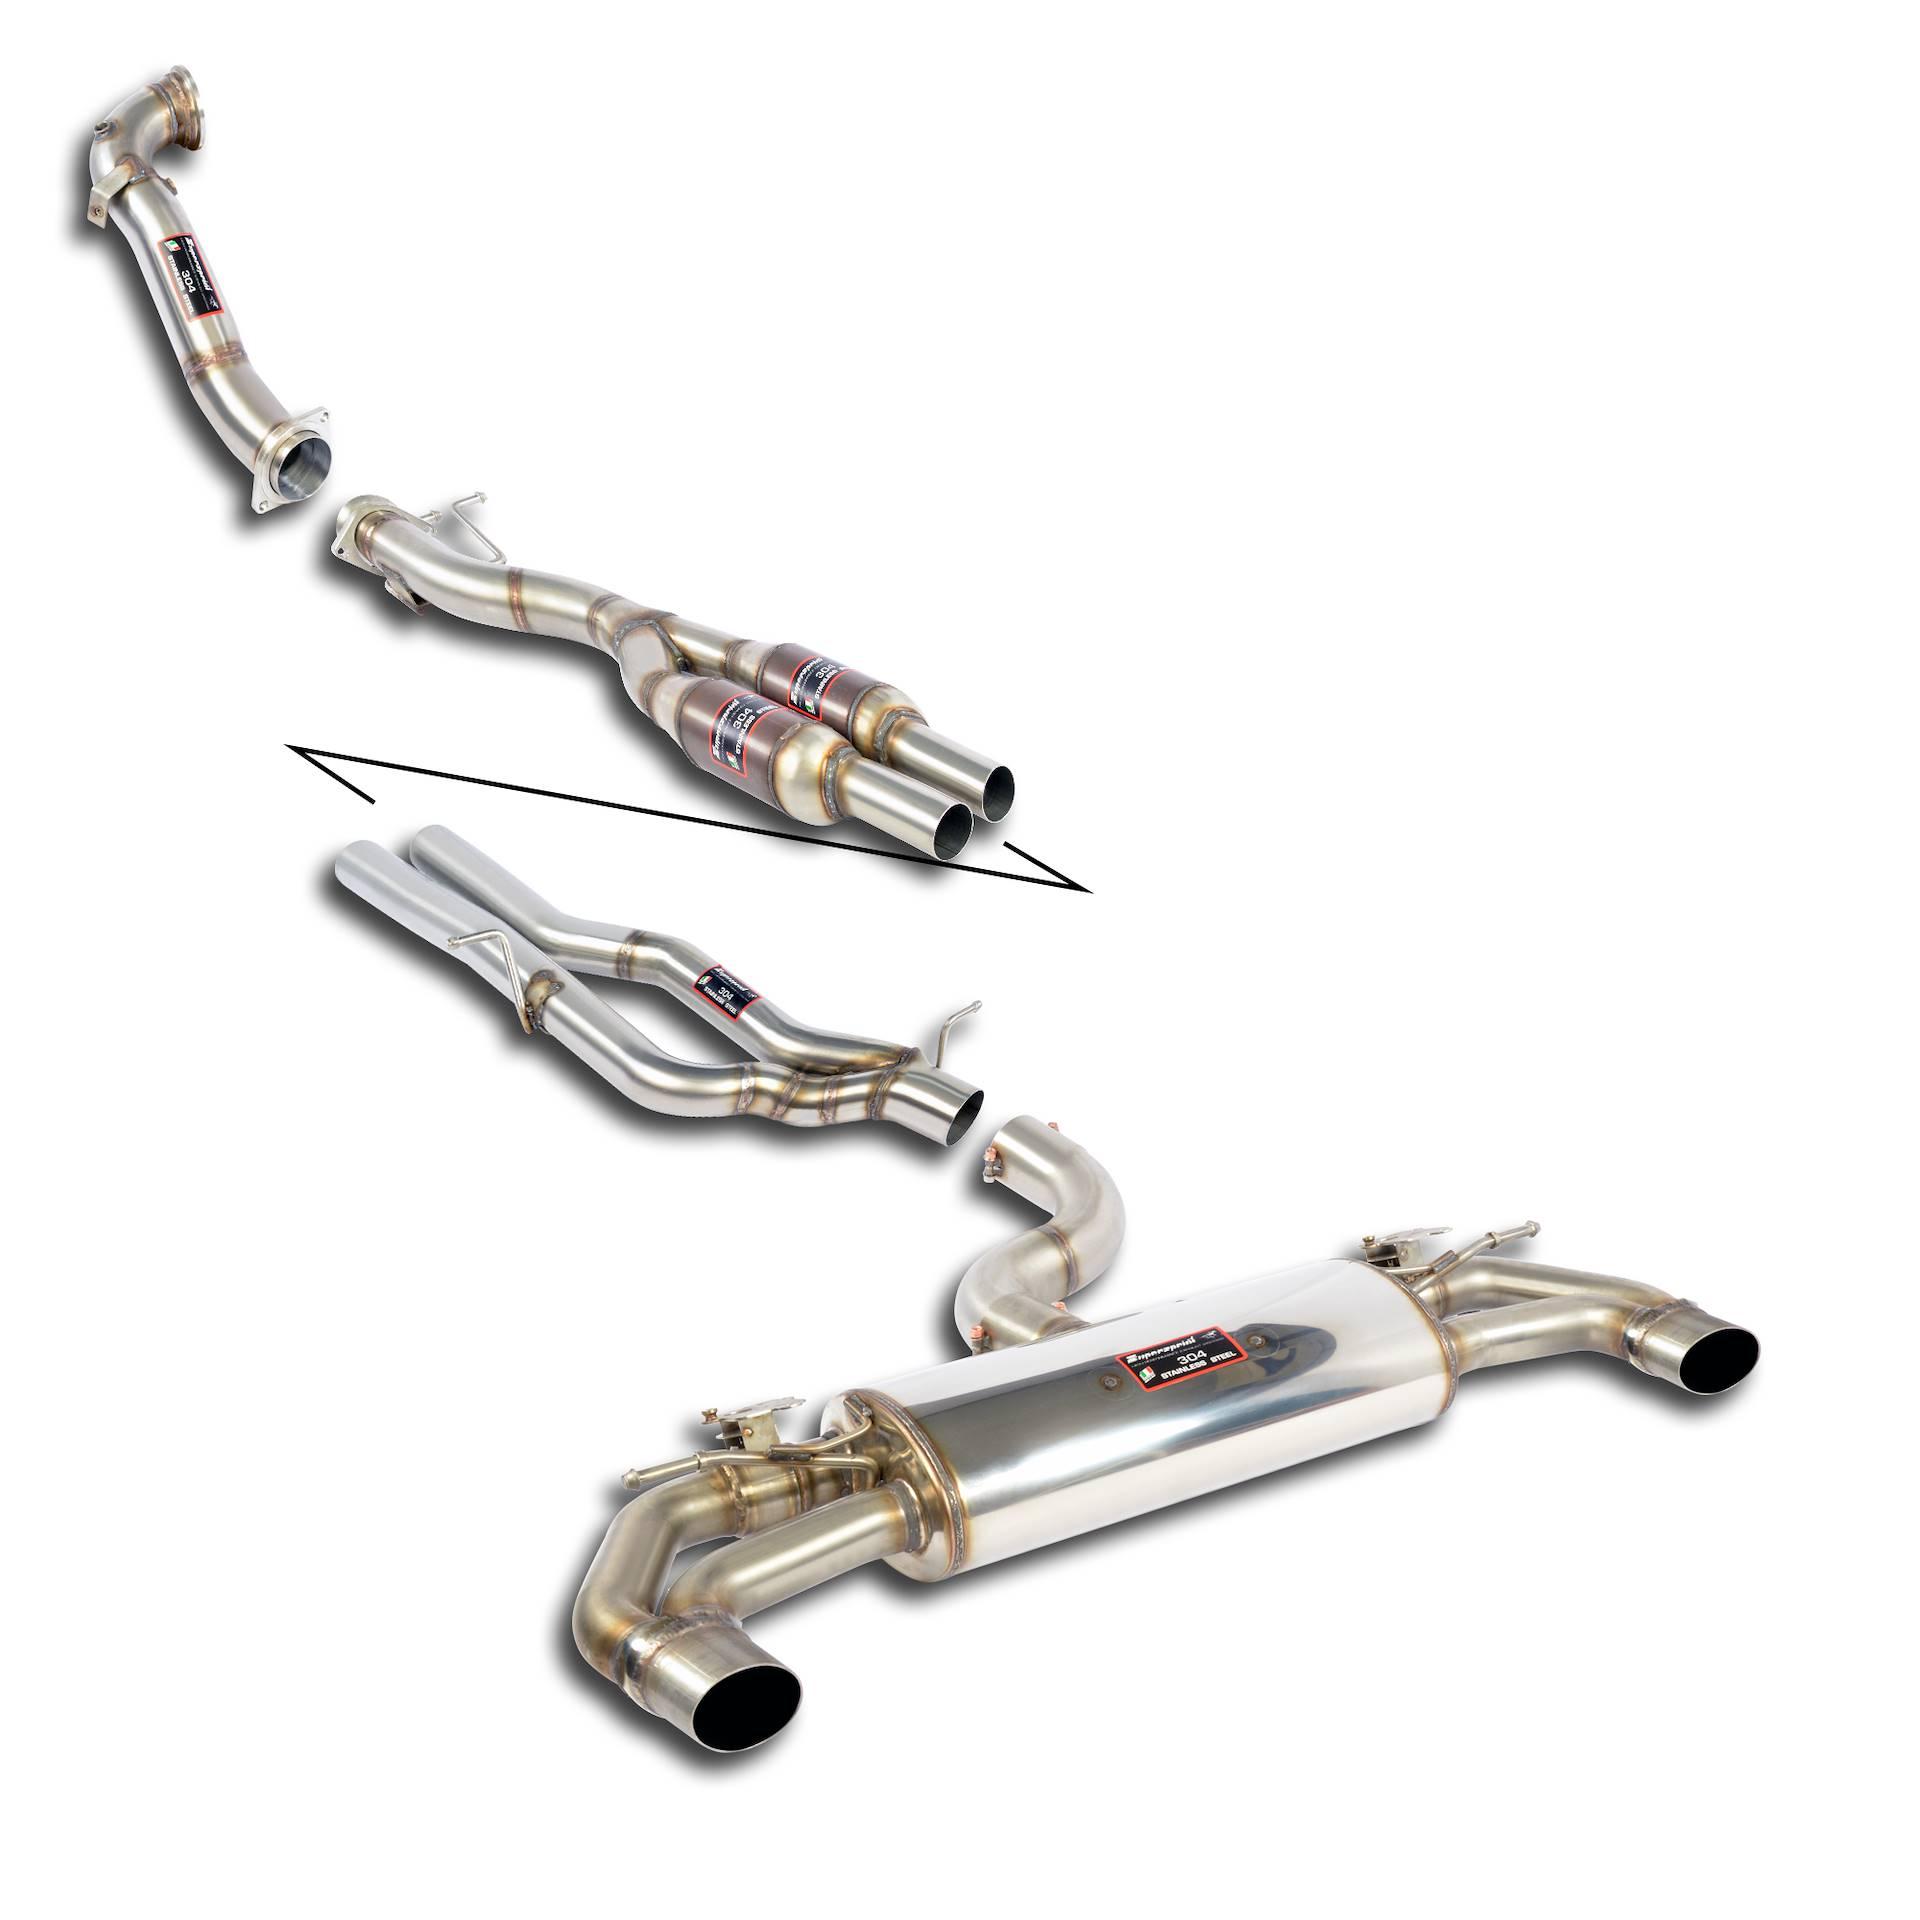 Supersprint twin pipe udstødning fra Danspeed til Audi RS Q3 TFSI